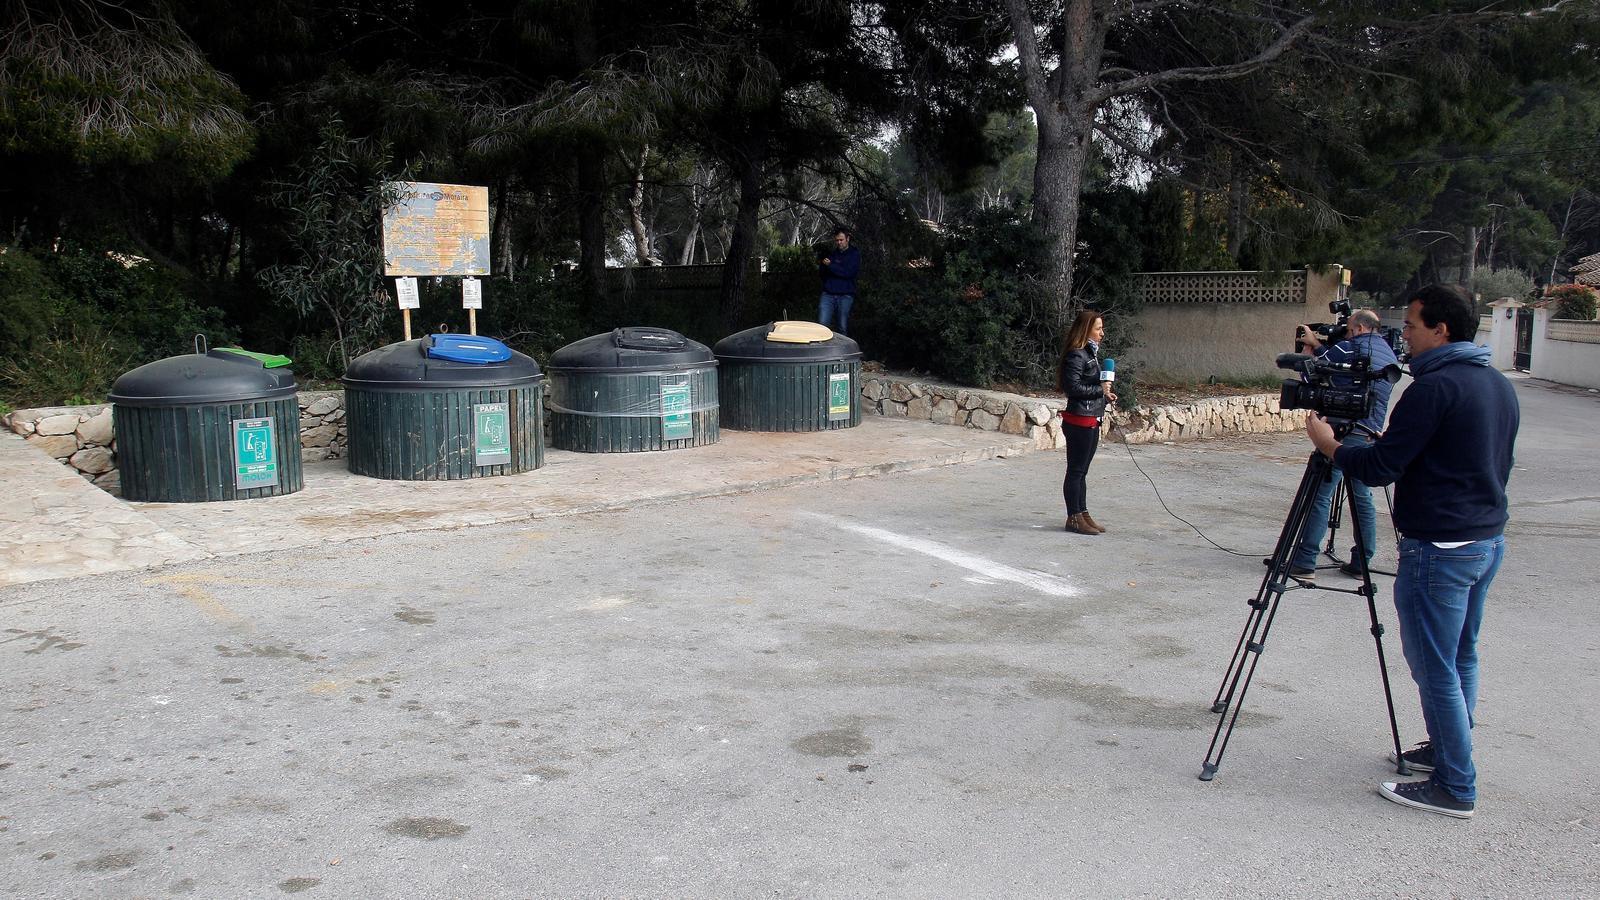 Contenidors on han trobat el cadàver d'una dona a la localitat valenciana de Moraira